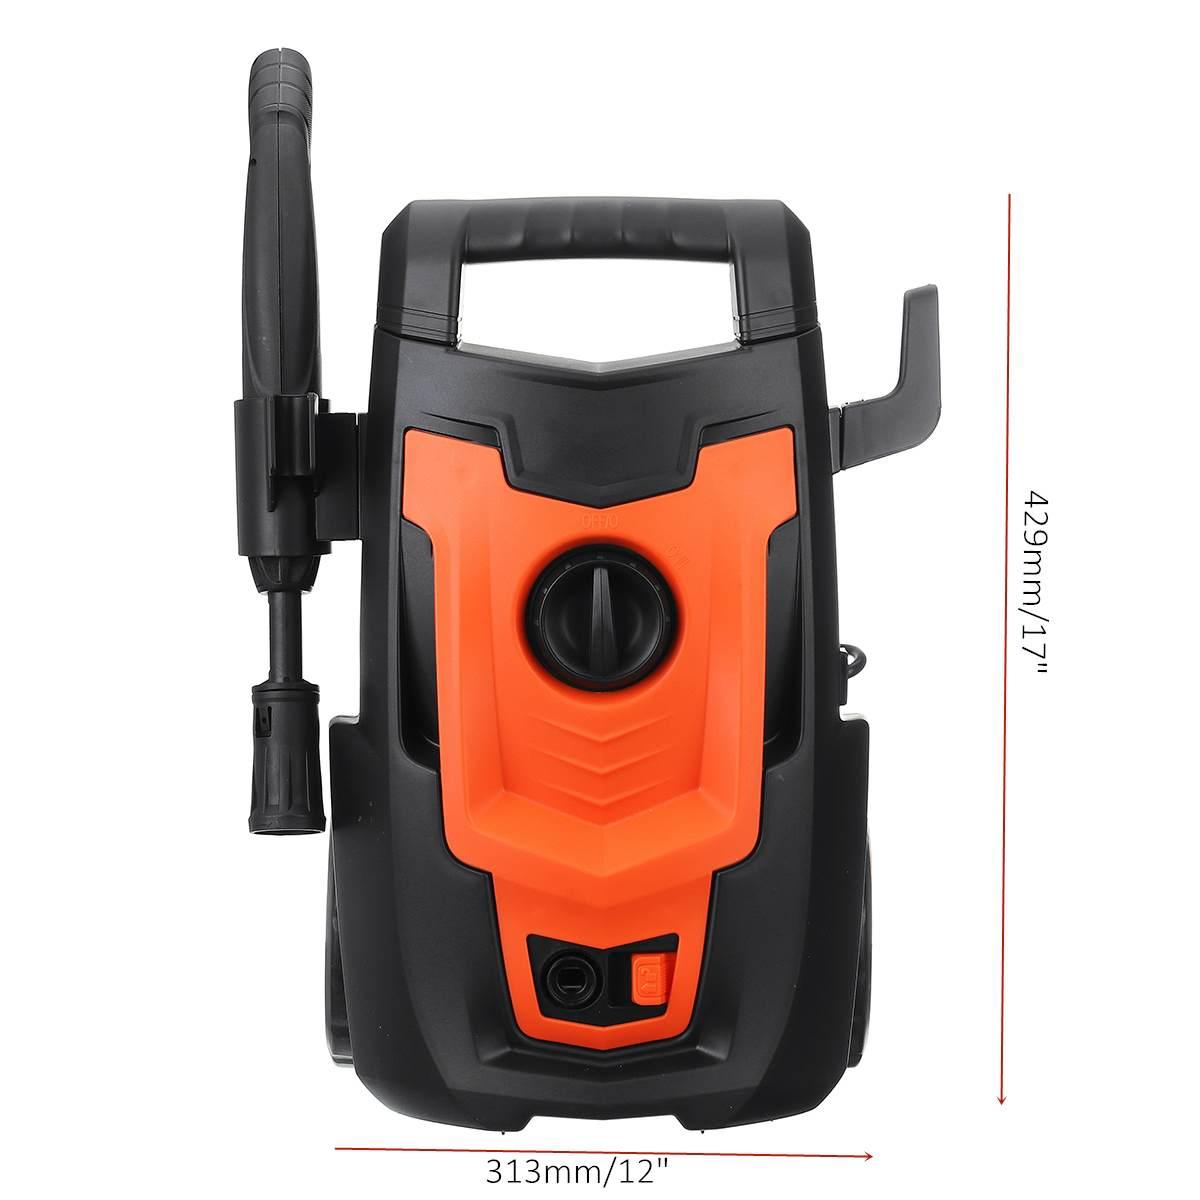 Auto Washer Guns Pumpe Waschen Gerät Auto Sprayer Hochdruck Reiniger Waschen Maschine Elektrische Reinigung Auto Gerät - 3